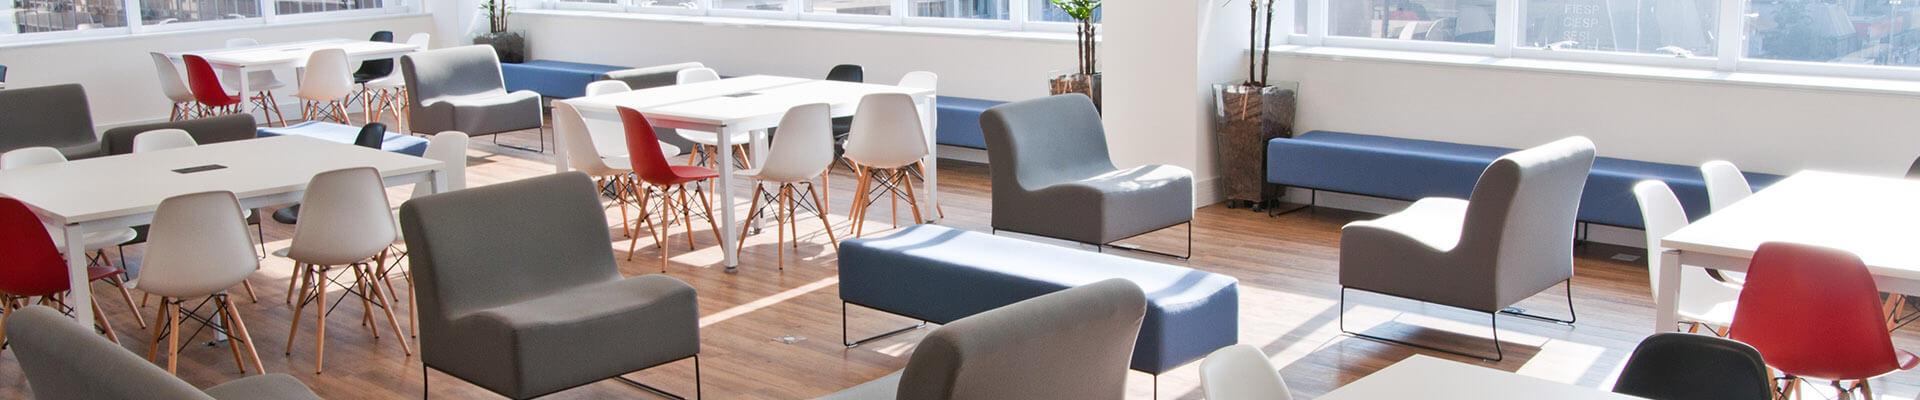 Des espaces de coworking au coeur de la ville de Lyon